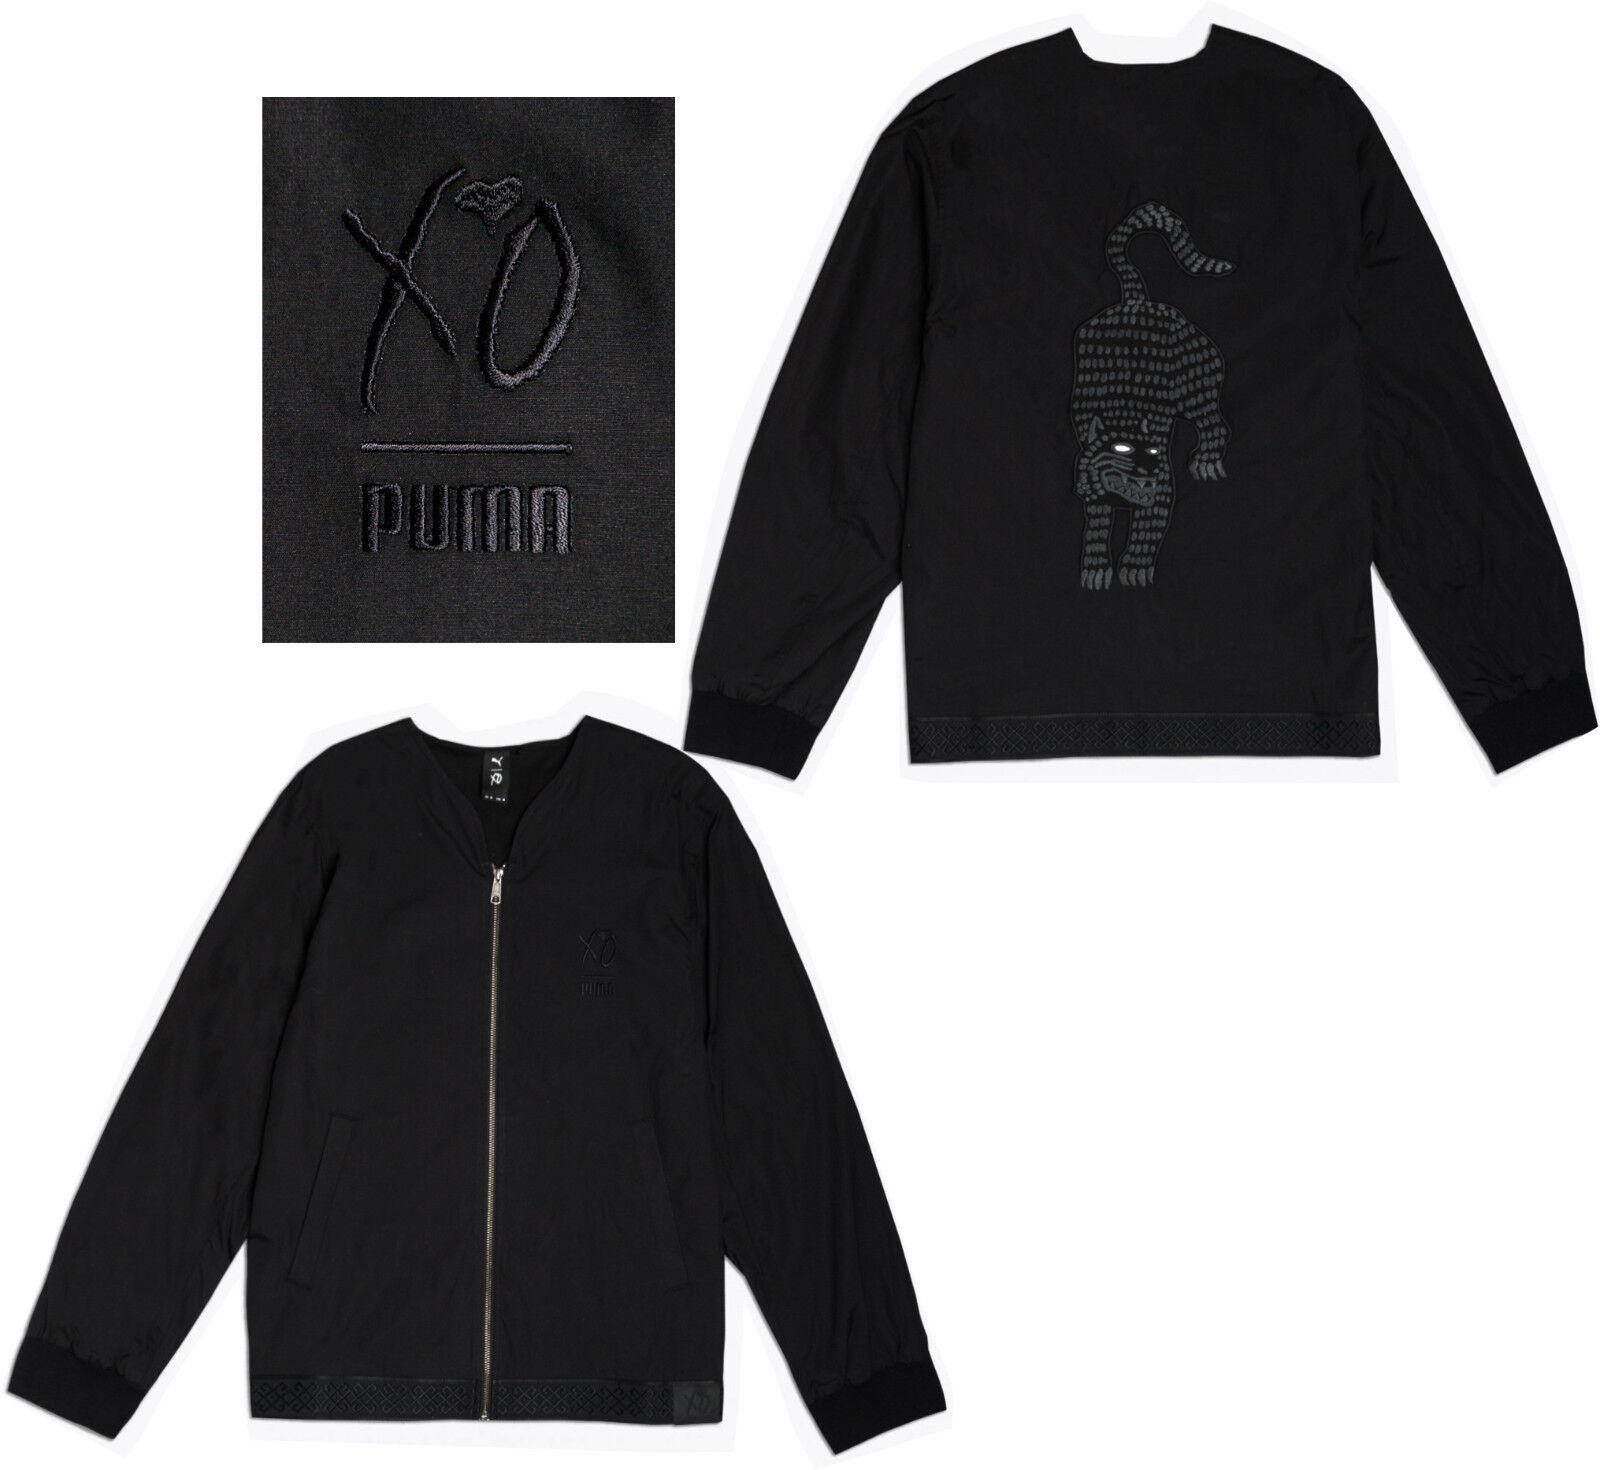 Détails sur Puma x The Weeknd XO Homme Zip complet Kimono Veste D'aviateur Noir 576896 01 M10 afficher le titre d'origine